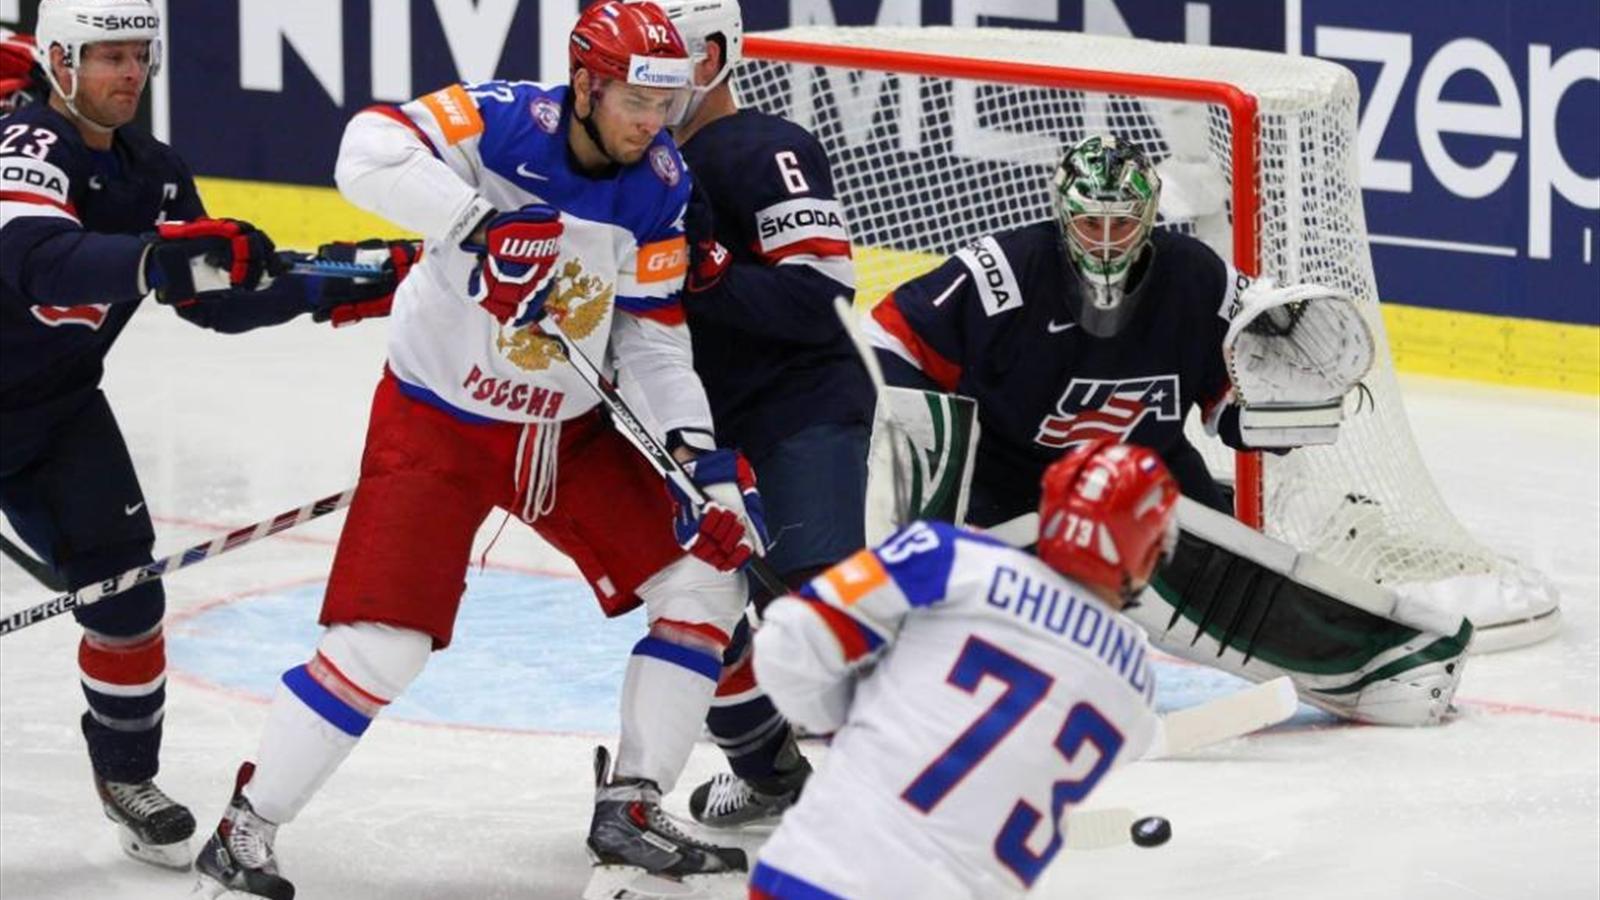 Результат игры россия сша хоккей